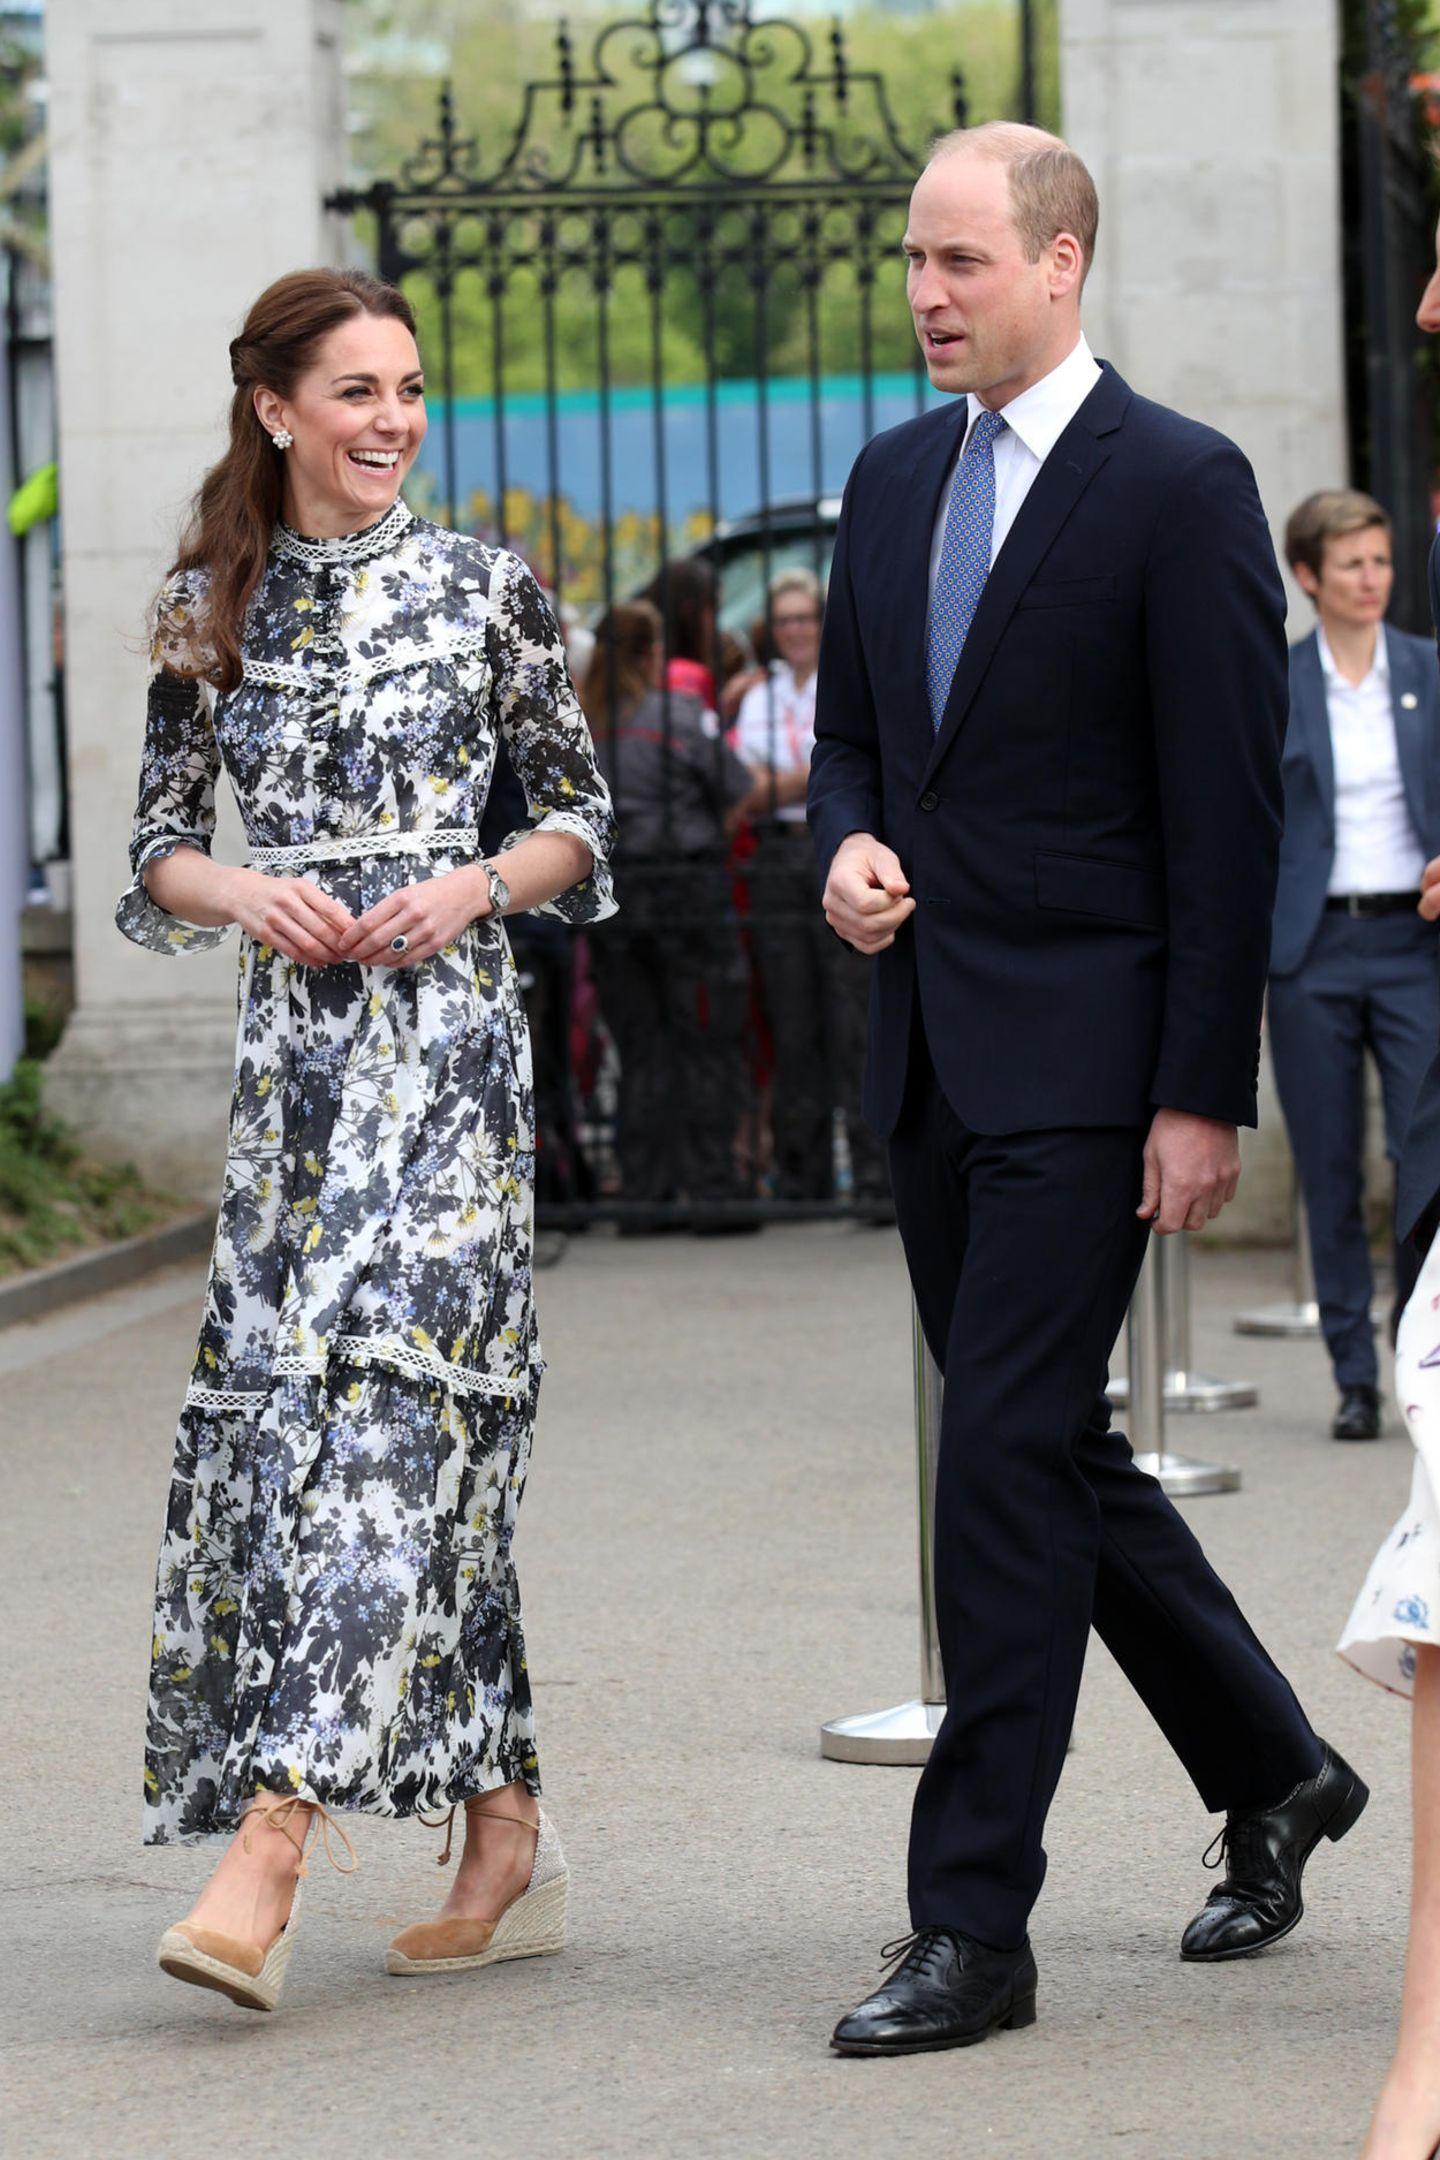 """Auch Herzogin Catherine ist seit Jahren großer Fan des Modells, besitzt die """"Carina""""-Sandale in einem hellen Braunton. Obwohl die Queen Keilabsätze unangemessen findet, sind die 85-Euro-Schuhe perfekt für Termine, bei denen sich die Herzoginnen auf unebenem Boden bewegen oder eventuell hinknien müssen. Vielleicht ein Tipp, den Kate an Meghan weitergeben konnte?"""